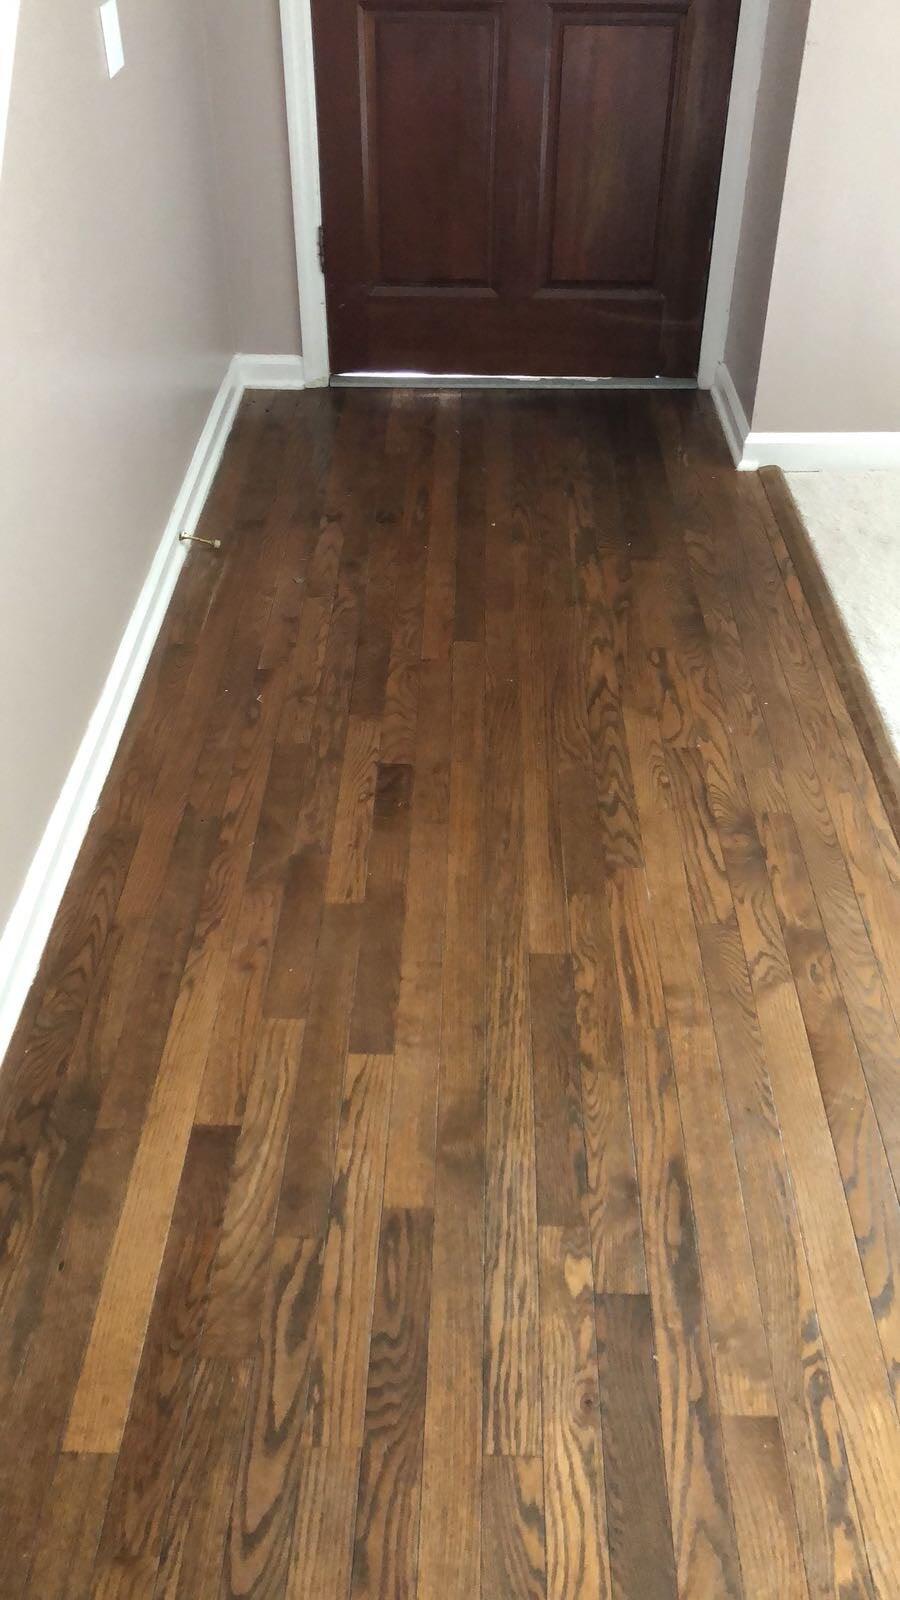 Modern oak flooring in Atlanta, GA from Delta Carpet & Decor